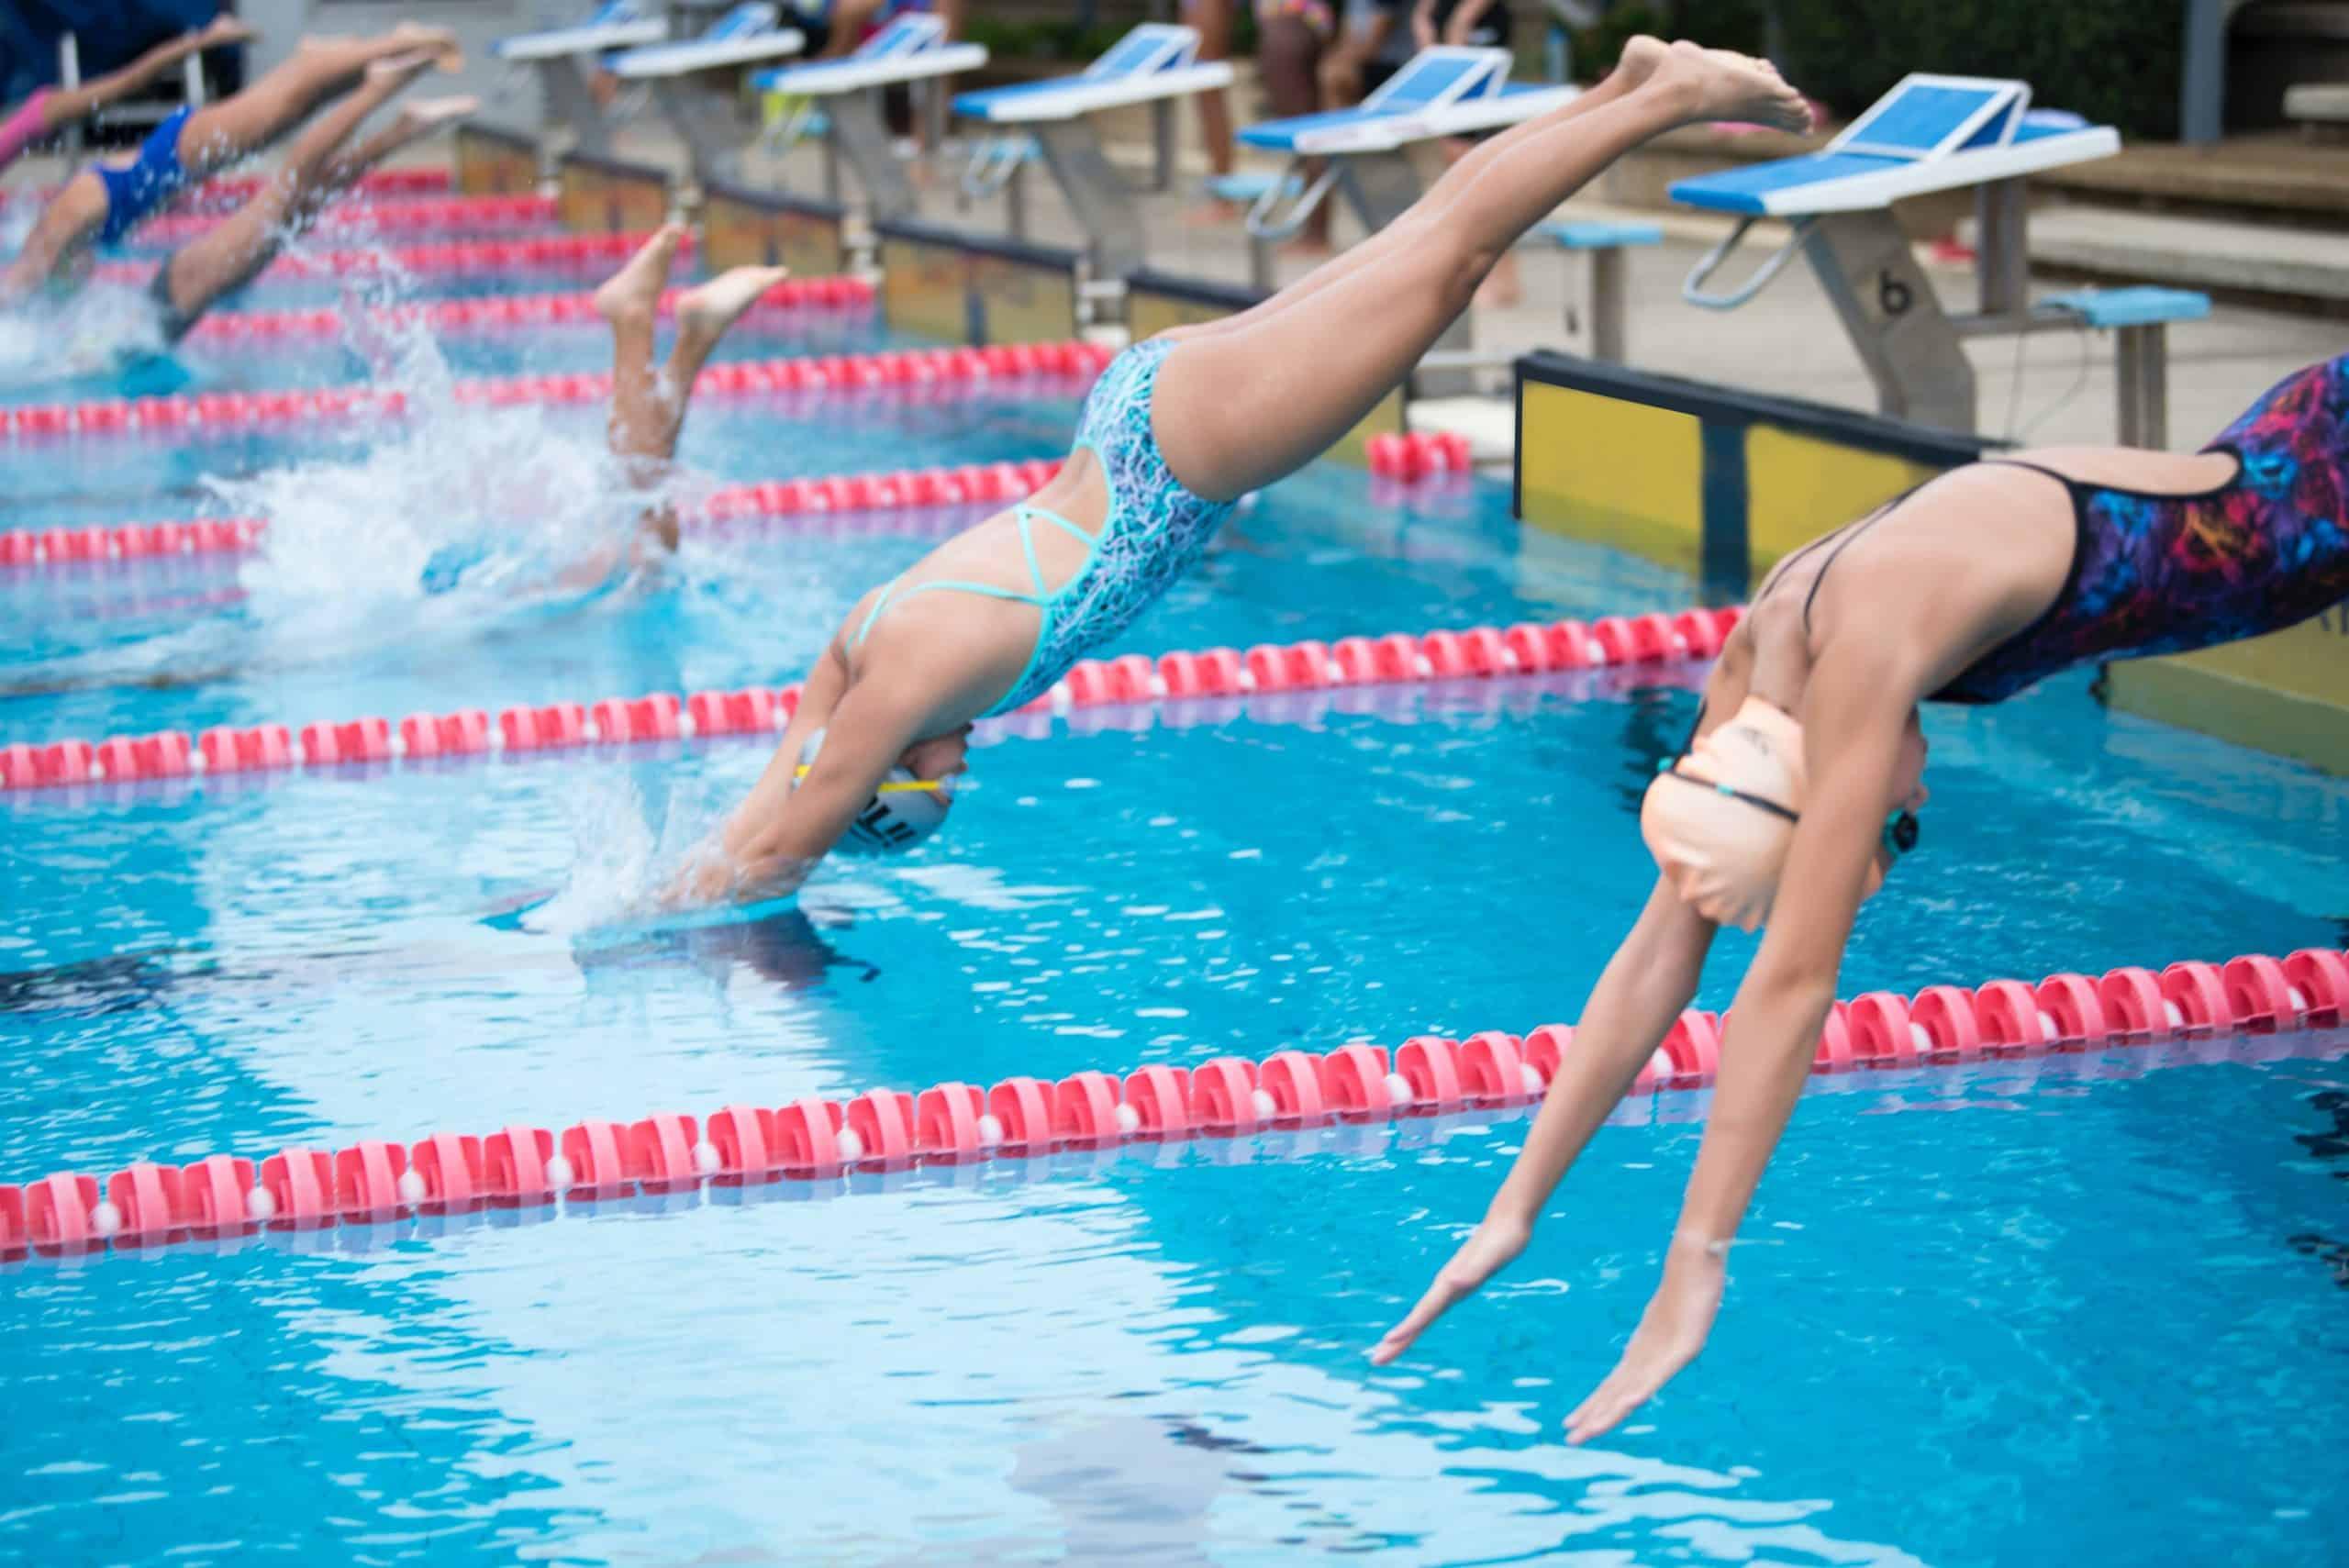 plongeon en piscine avec des bonnets de bain